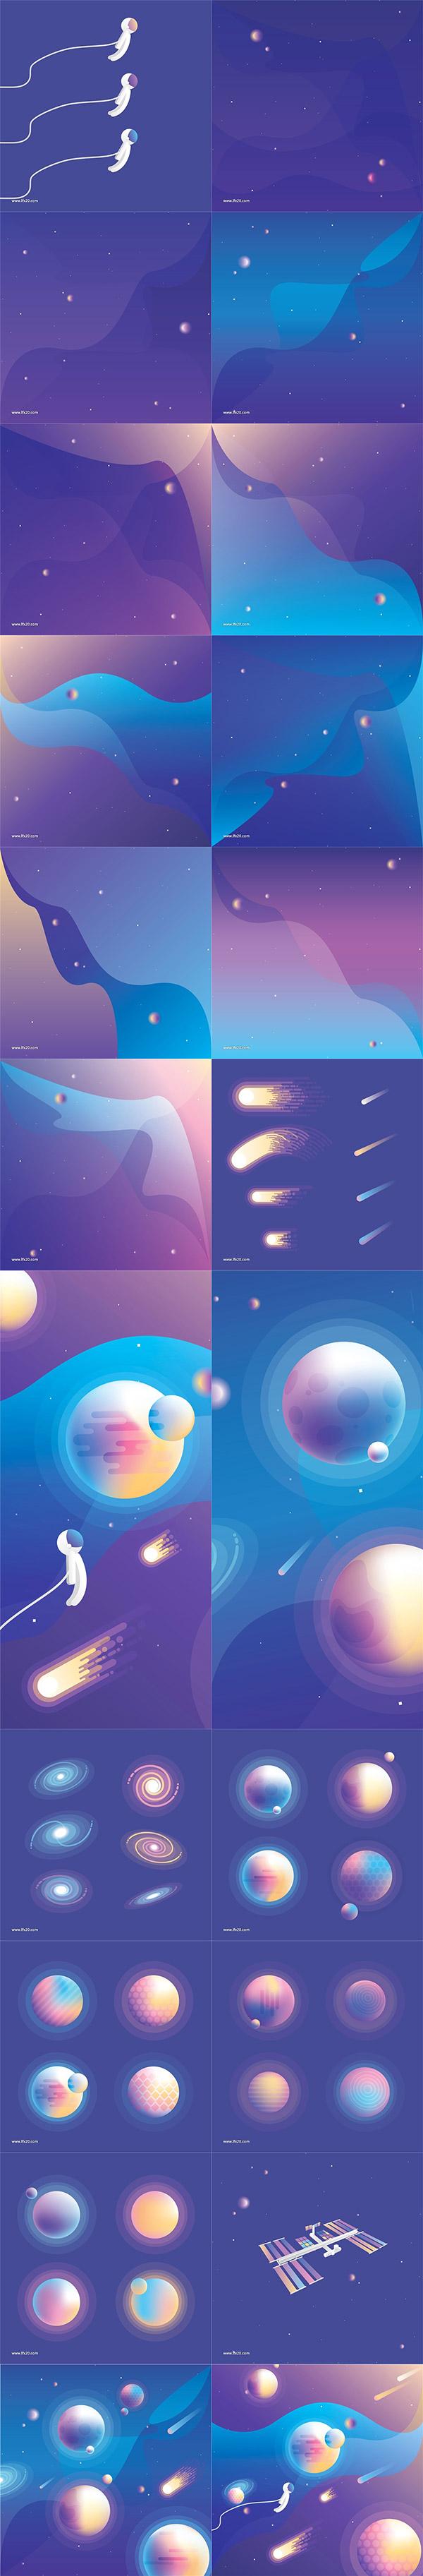 炫酷宇宙探索主题背景